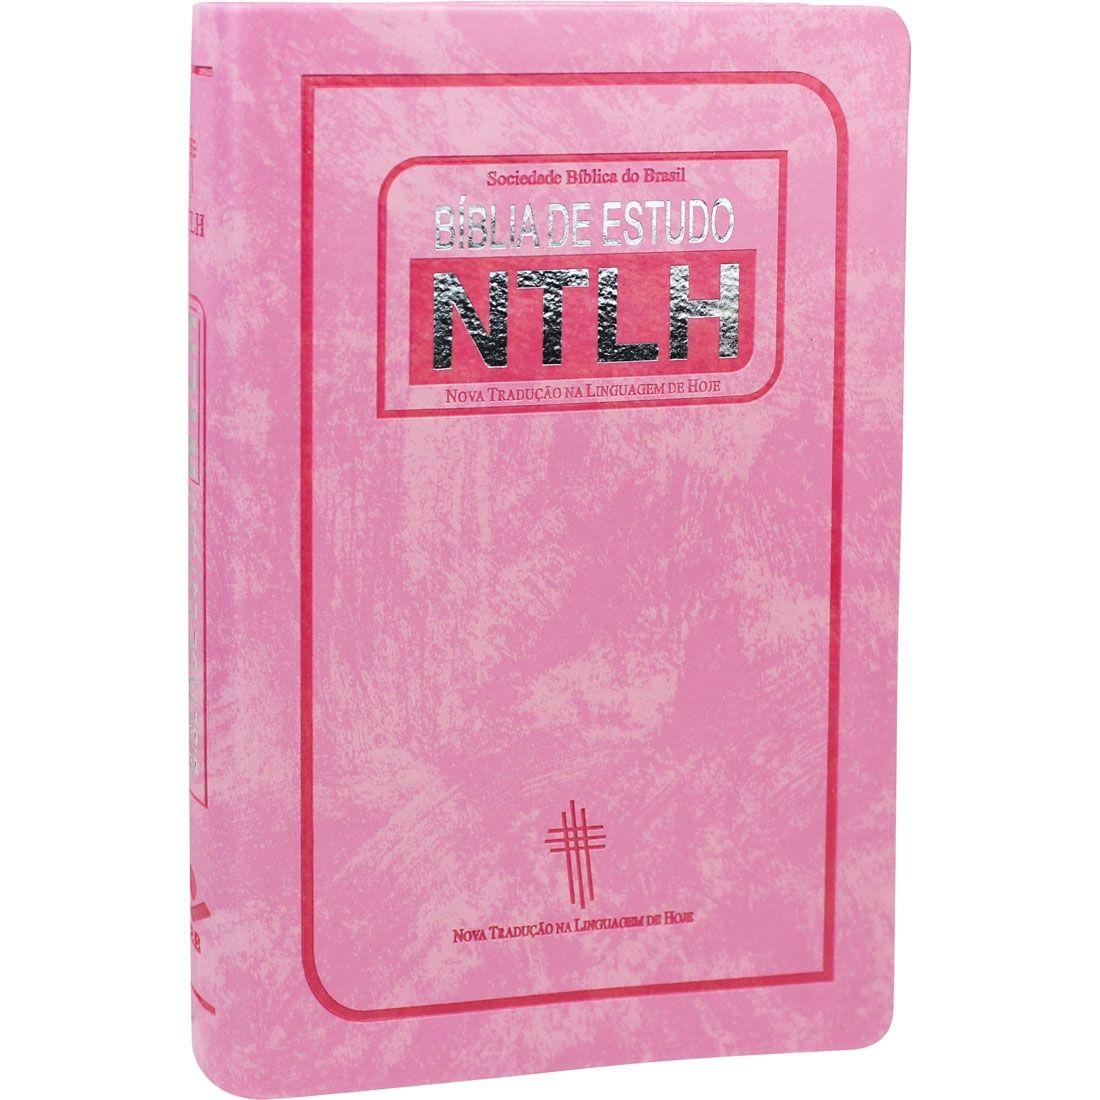 Bíblia de Estudo NTLH - Capa Rosa: Nova Tradução na Linguagem de Hoje (NTLH)  - Universo Bíblico Rs